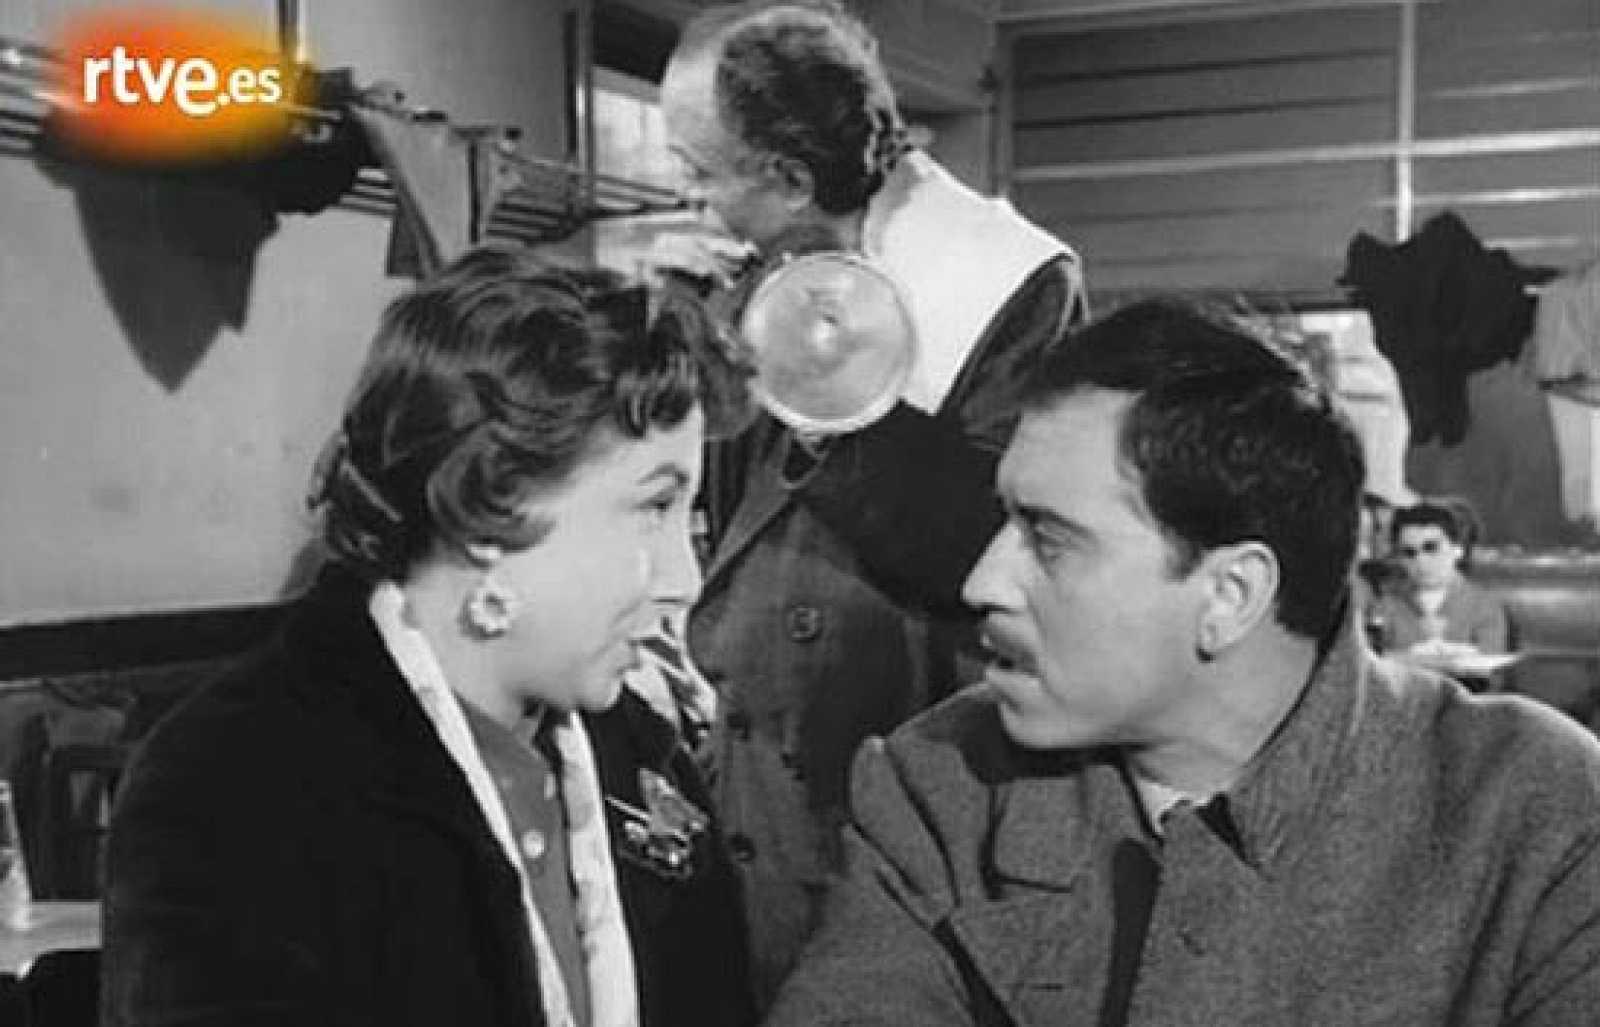 Una de las joyas del cine neorrealista español, 'El pisito', encumbró a José Luis López Vázquez, que firmó una de sus mejores interpretaciones al encarnar a Rodolfo.